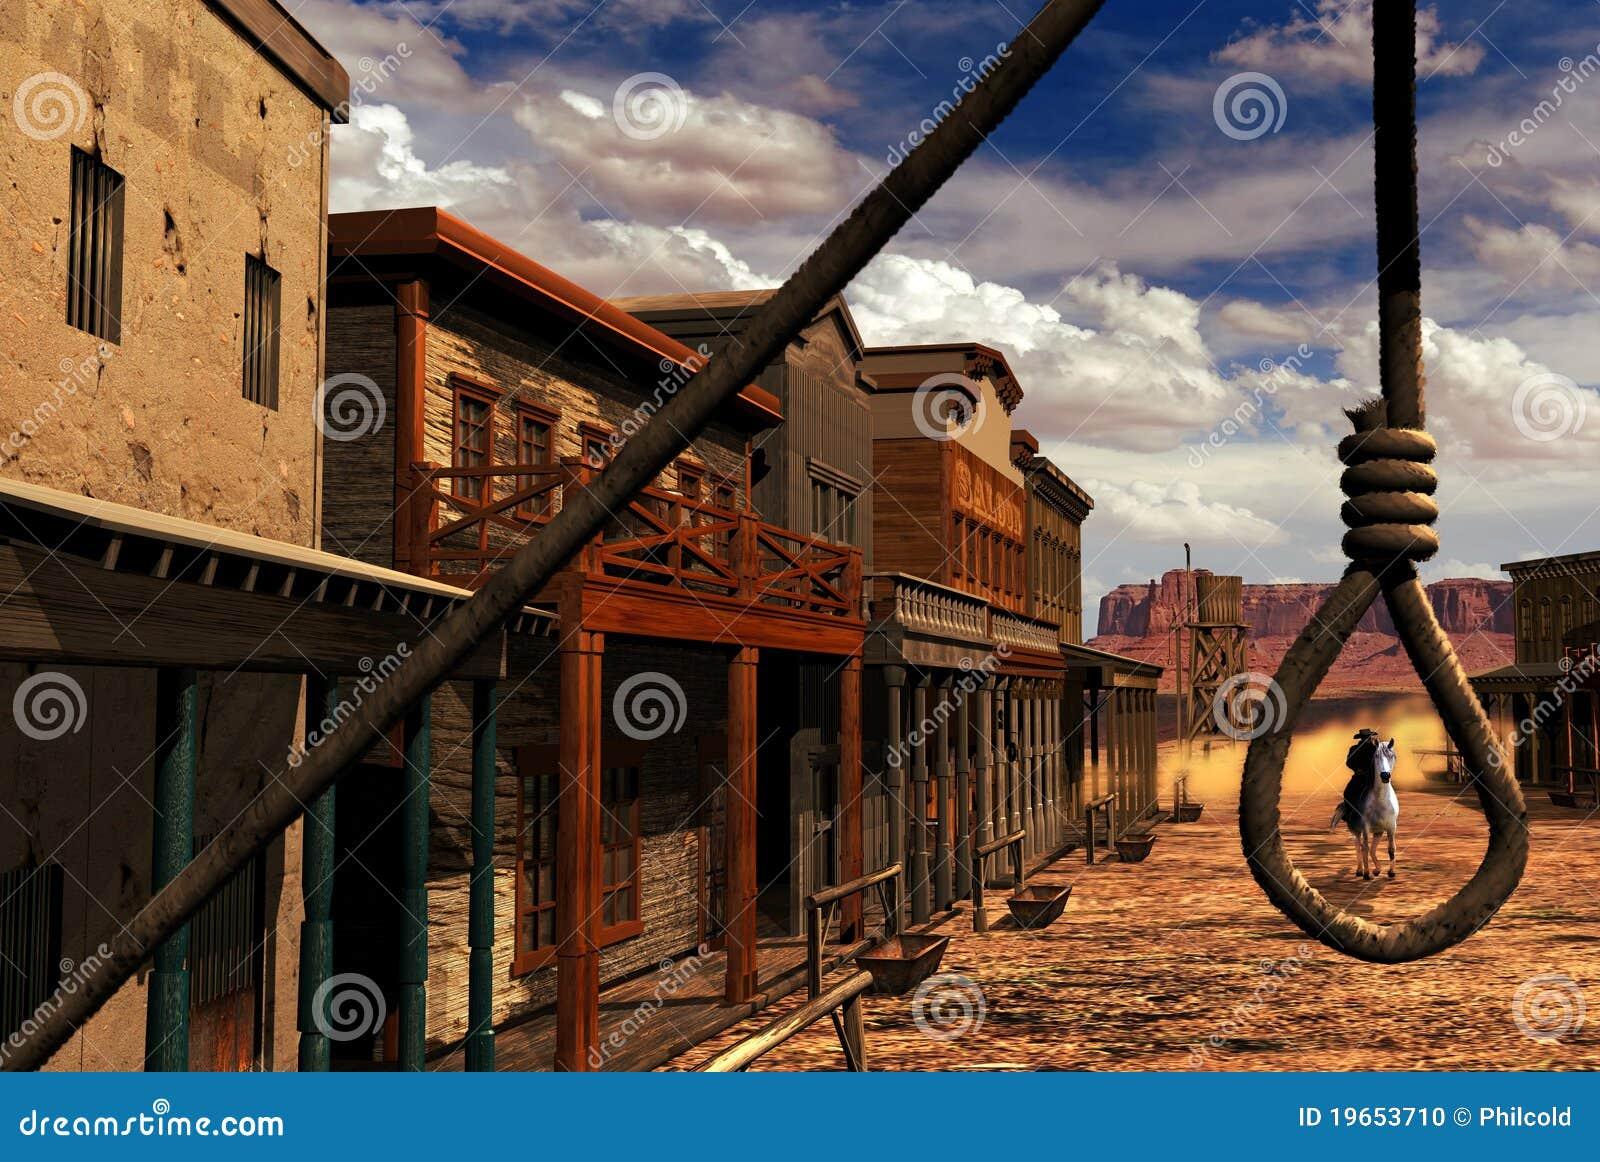 Wild western town